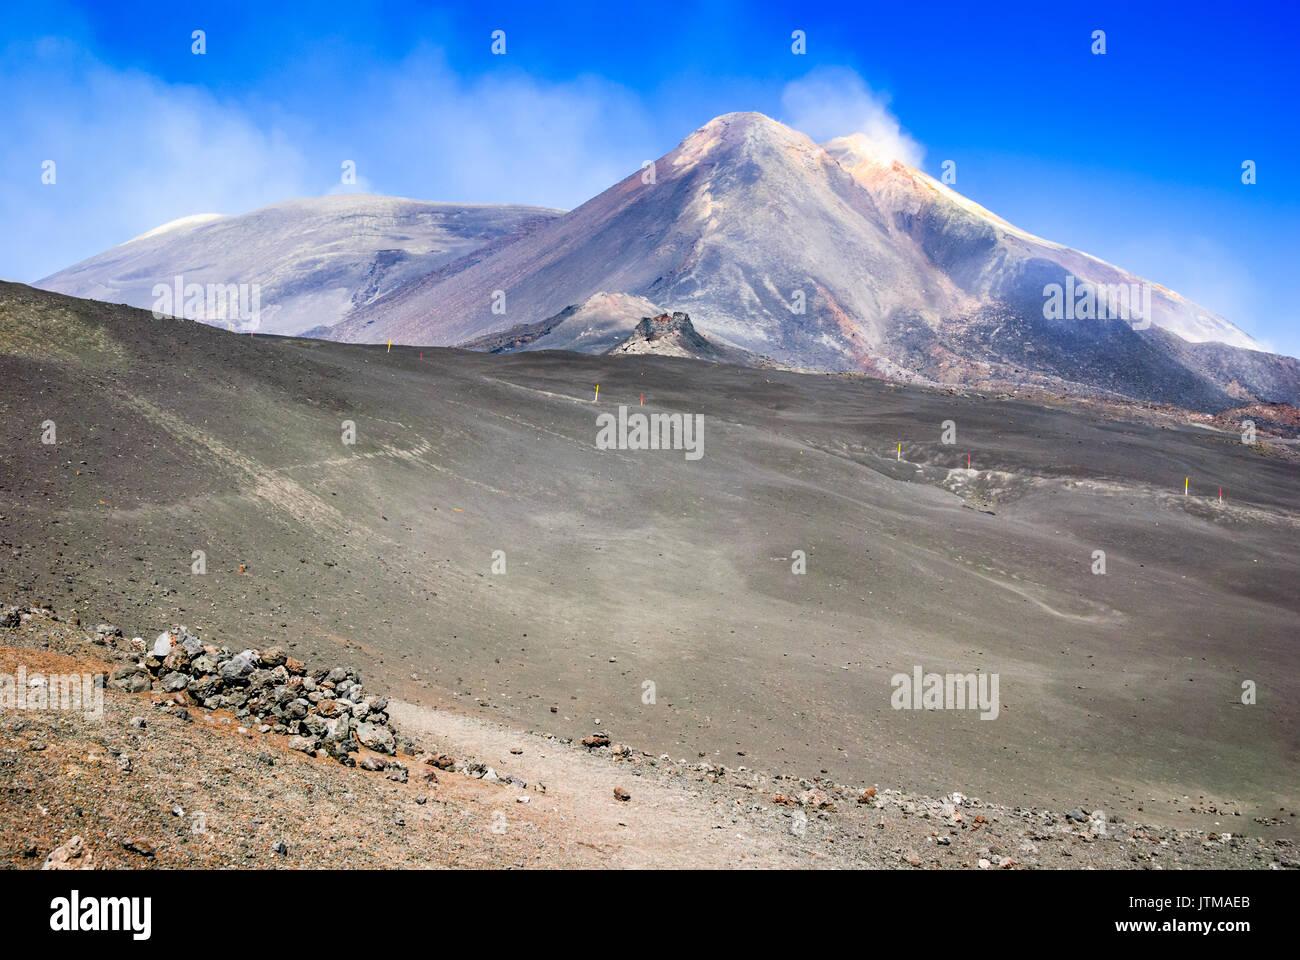 Monte Etna, Sicilia - el volcán activo más alto de Europa 3329 m en Italia. Imagen De Stock